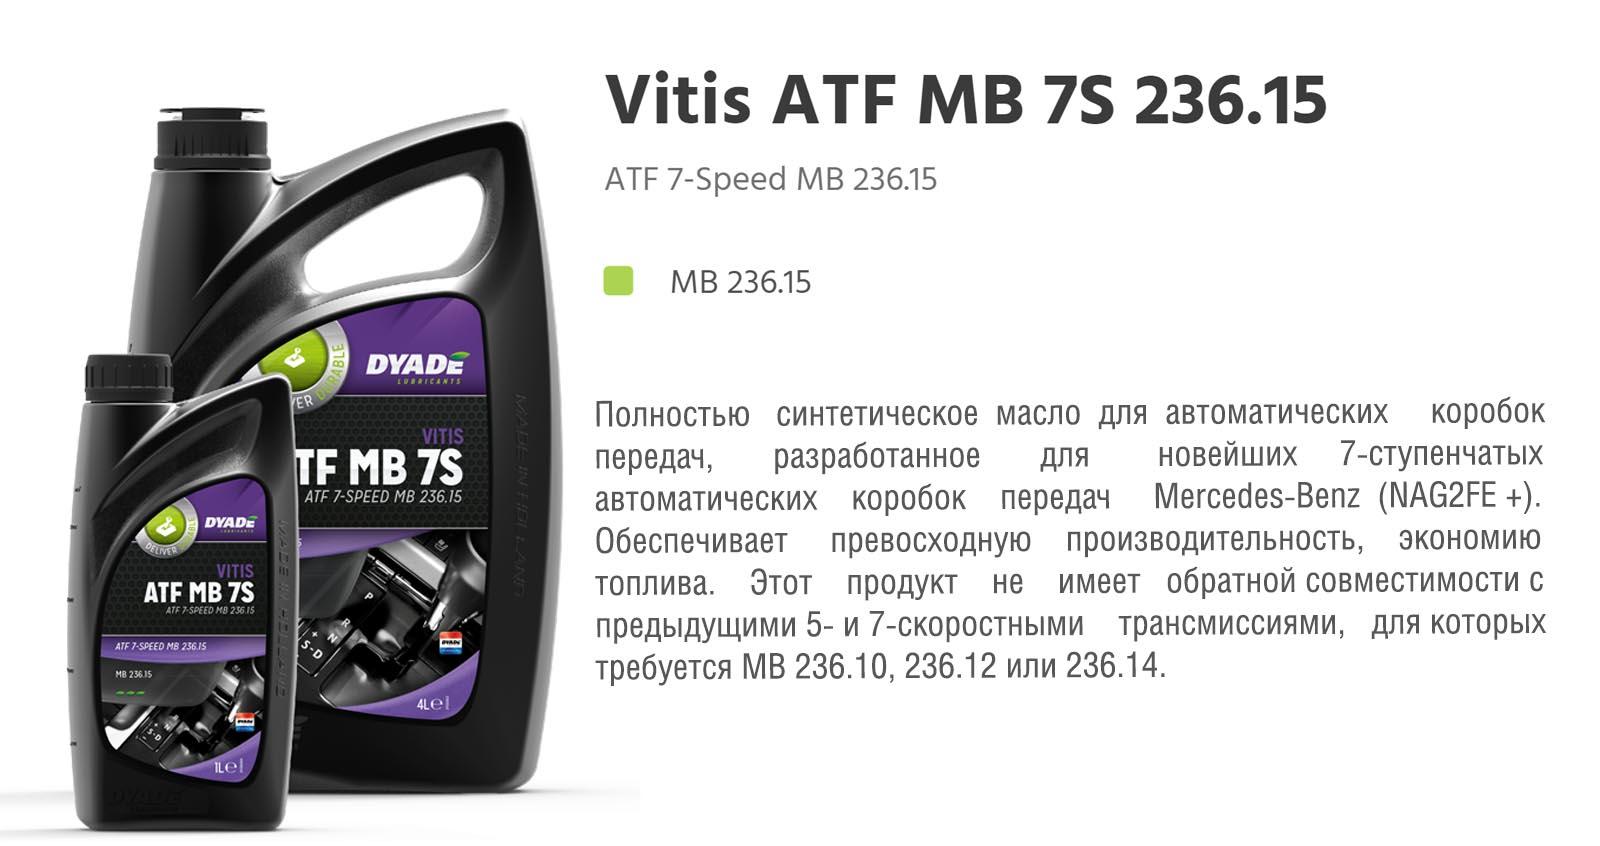 Масло трансмиссионное Vitis ATF MB 7S 236.15 (1L) 081351 dyadelubricants